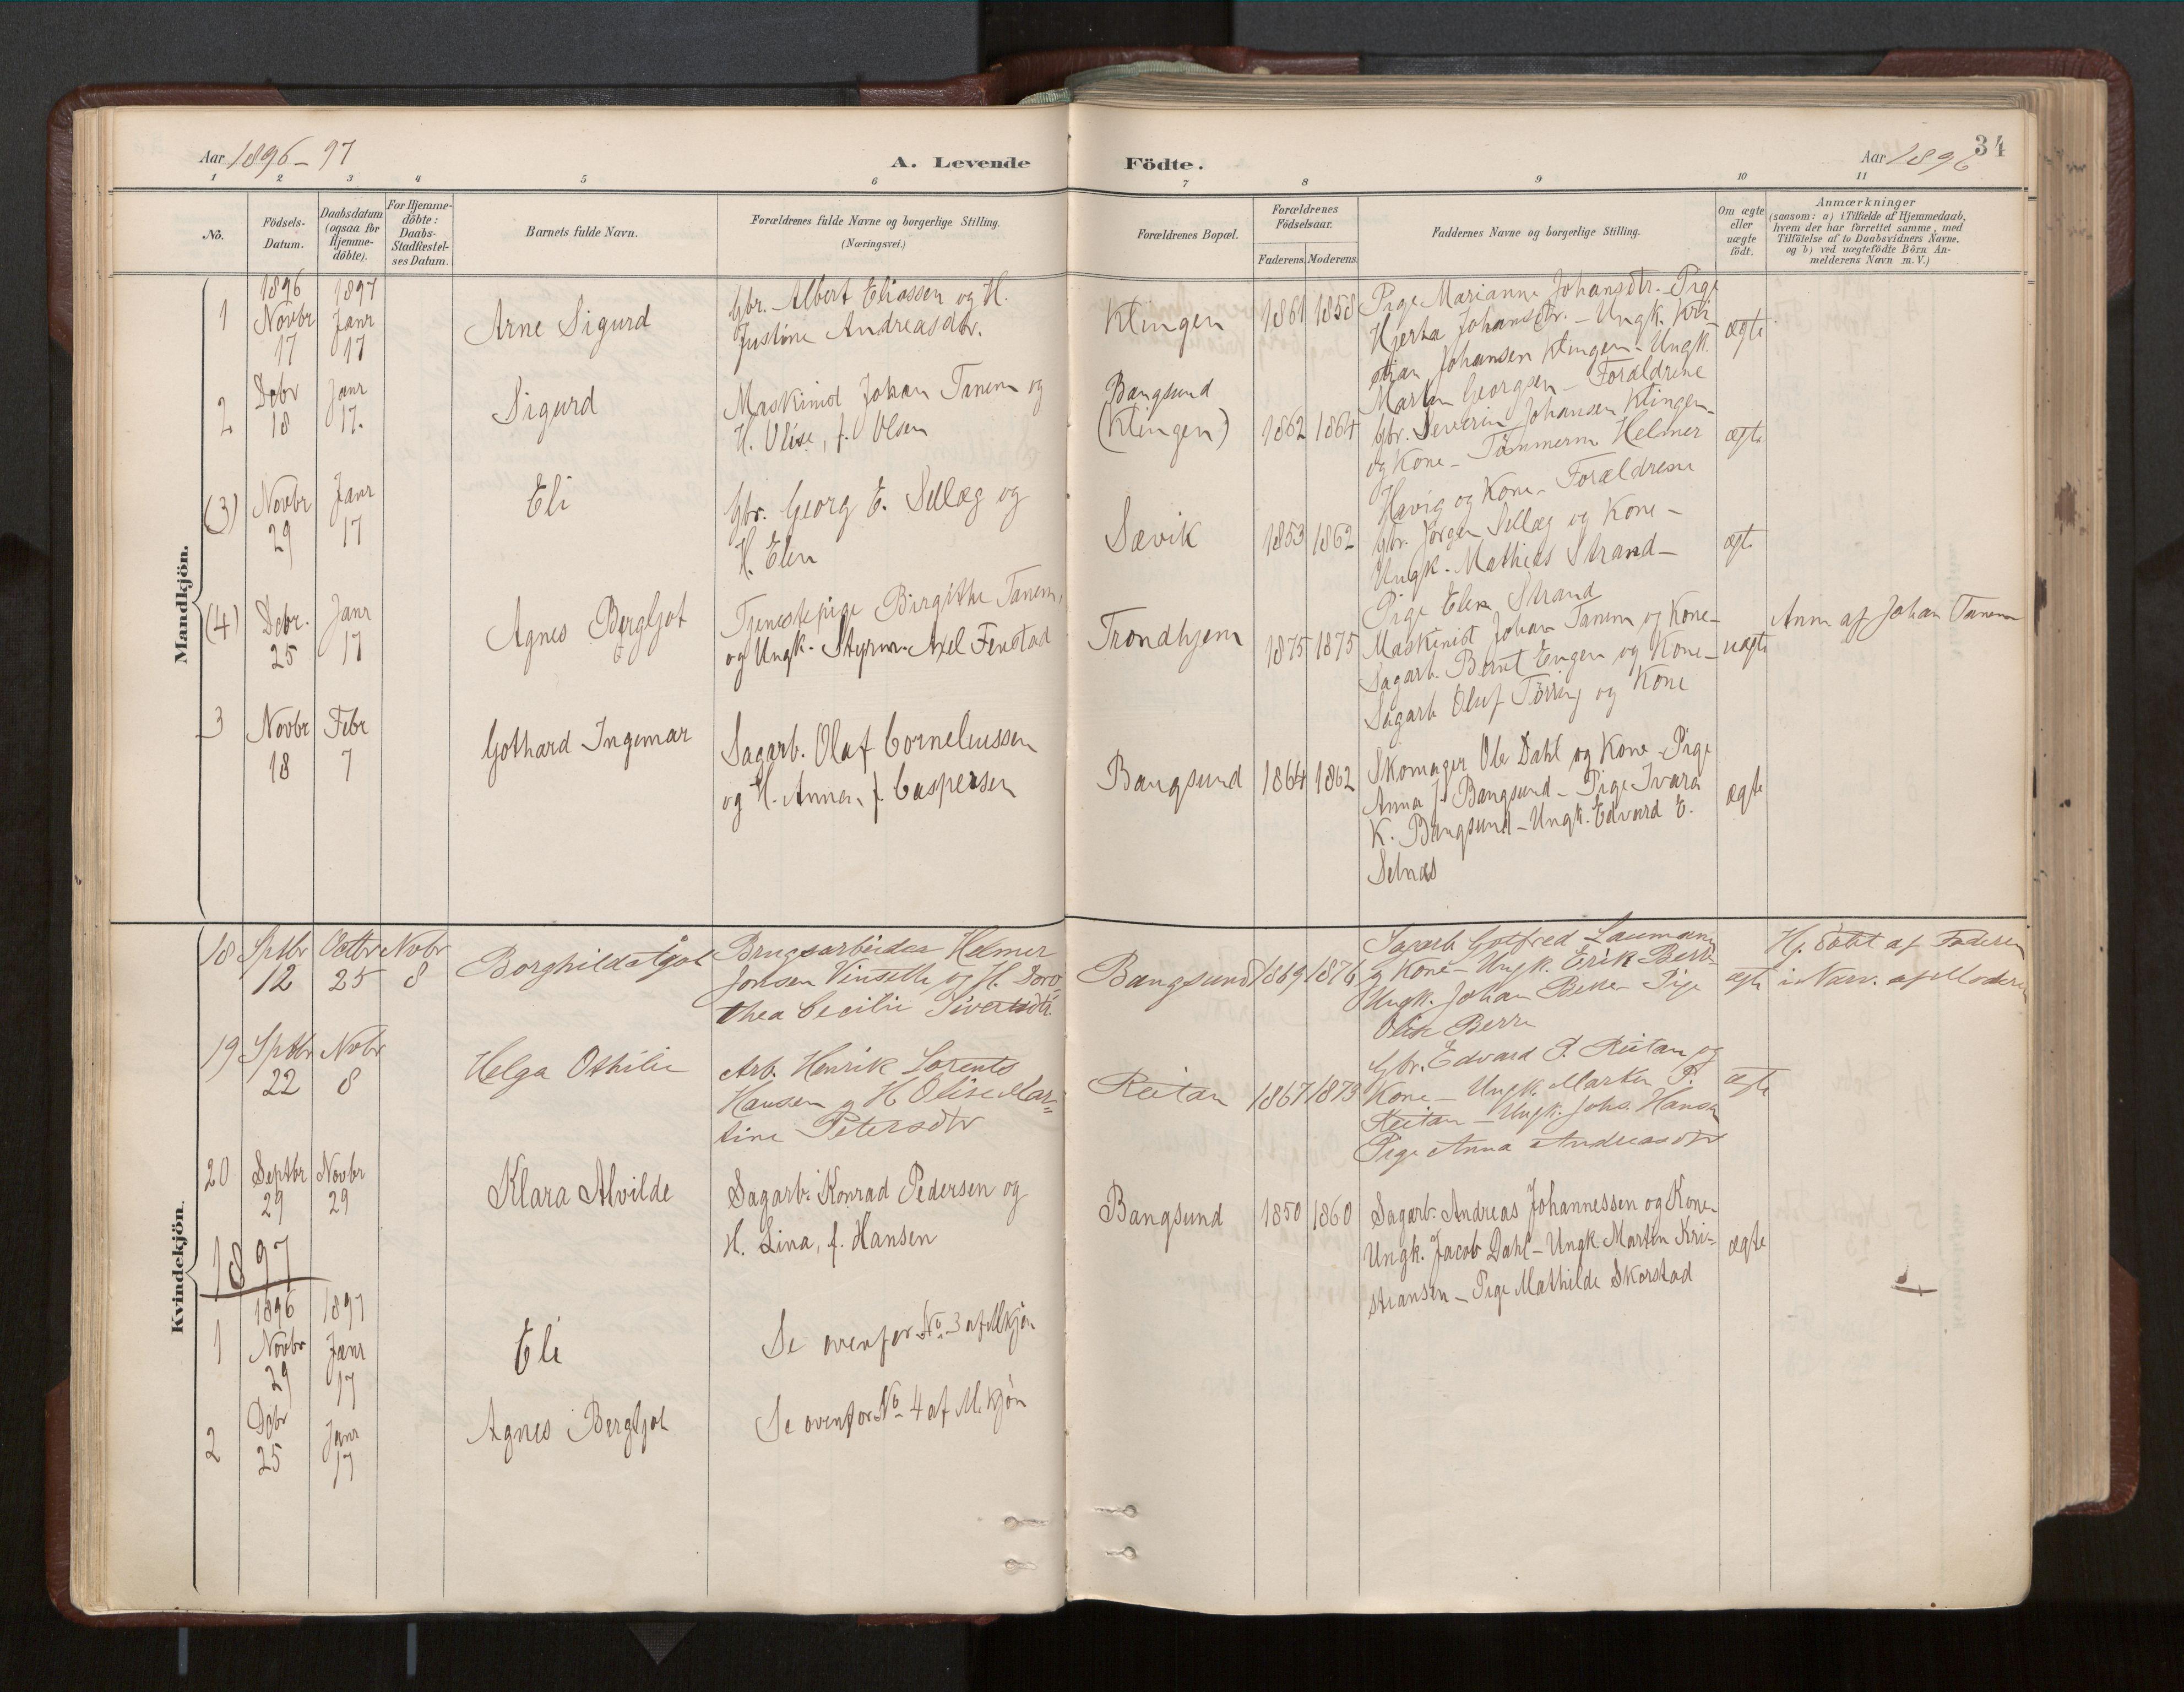 SAT, Ministerialprotokoller, klokkerbøker og fødselsregistre - Nord-Trøndelag, 770/L0589: Ministerialbok nr. 770A03, 1887-1929, s. 34